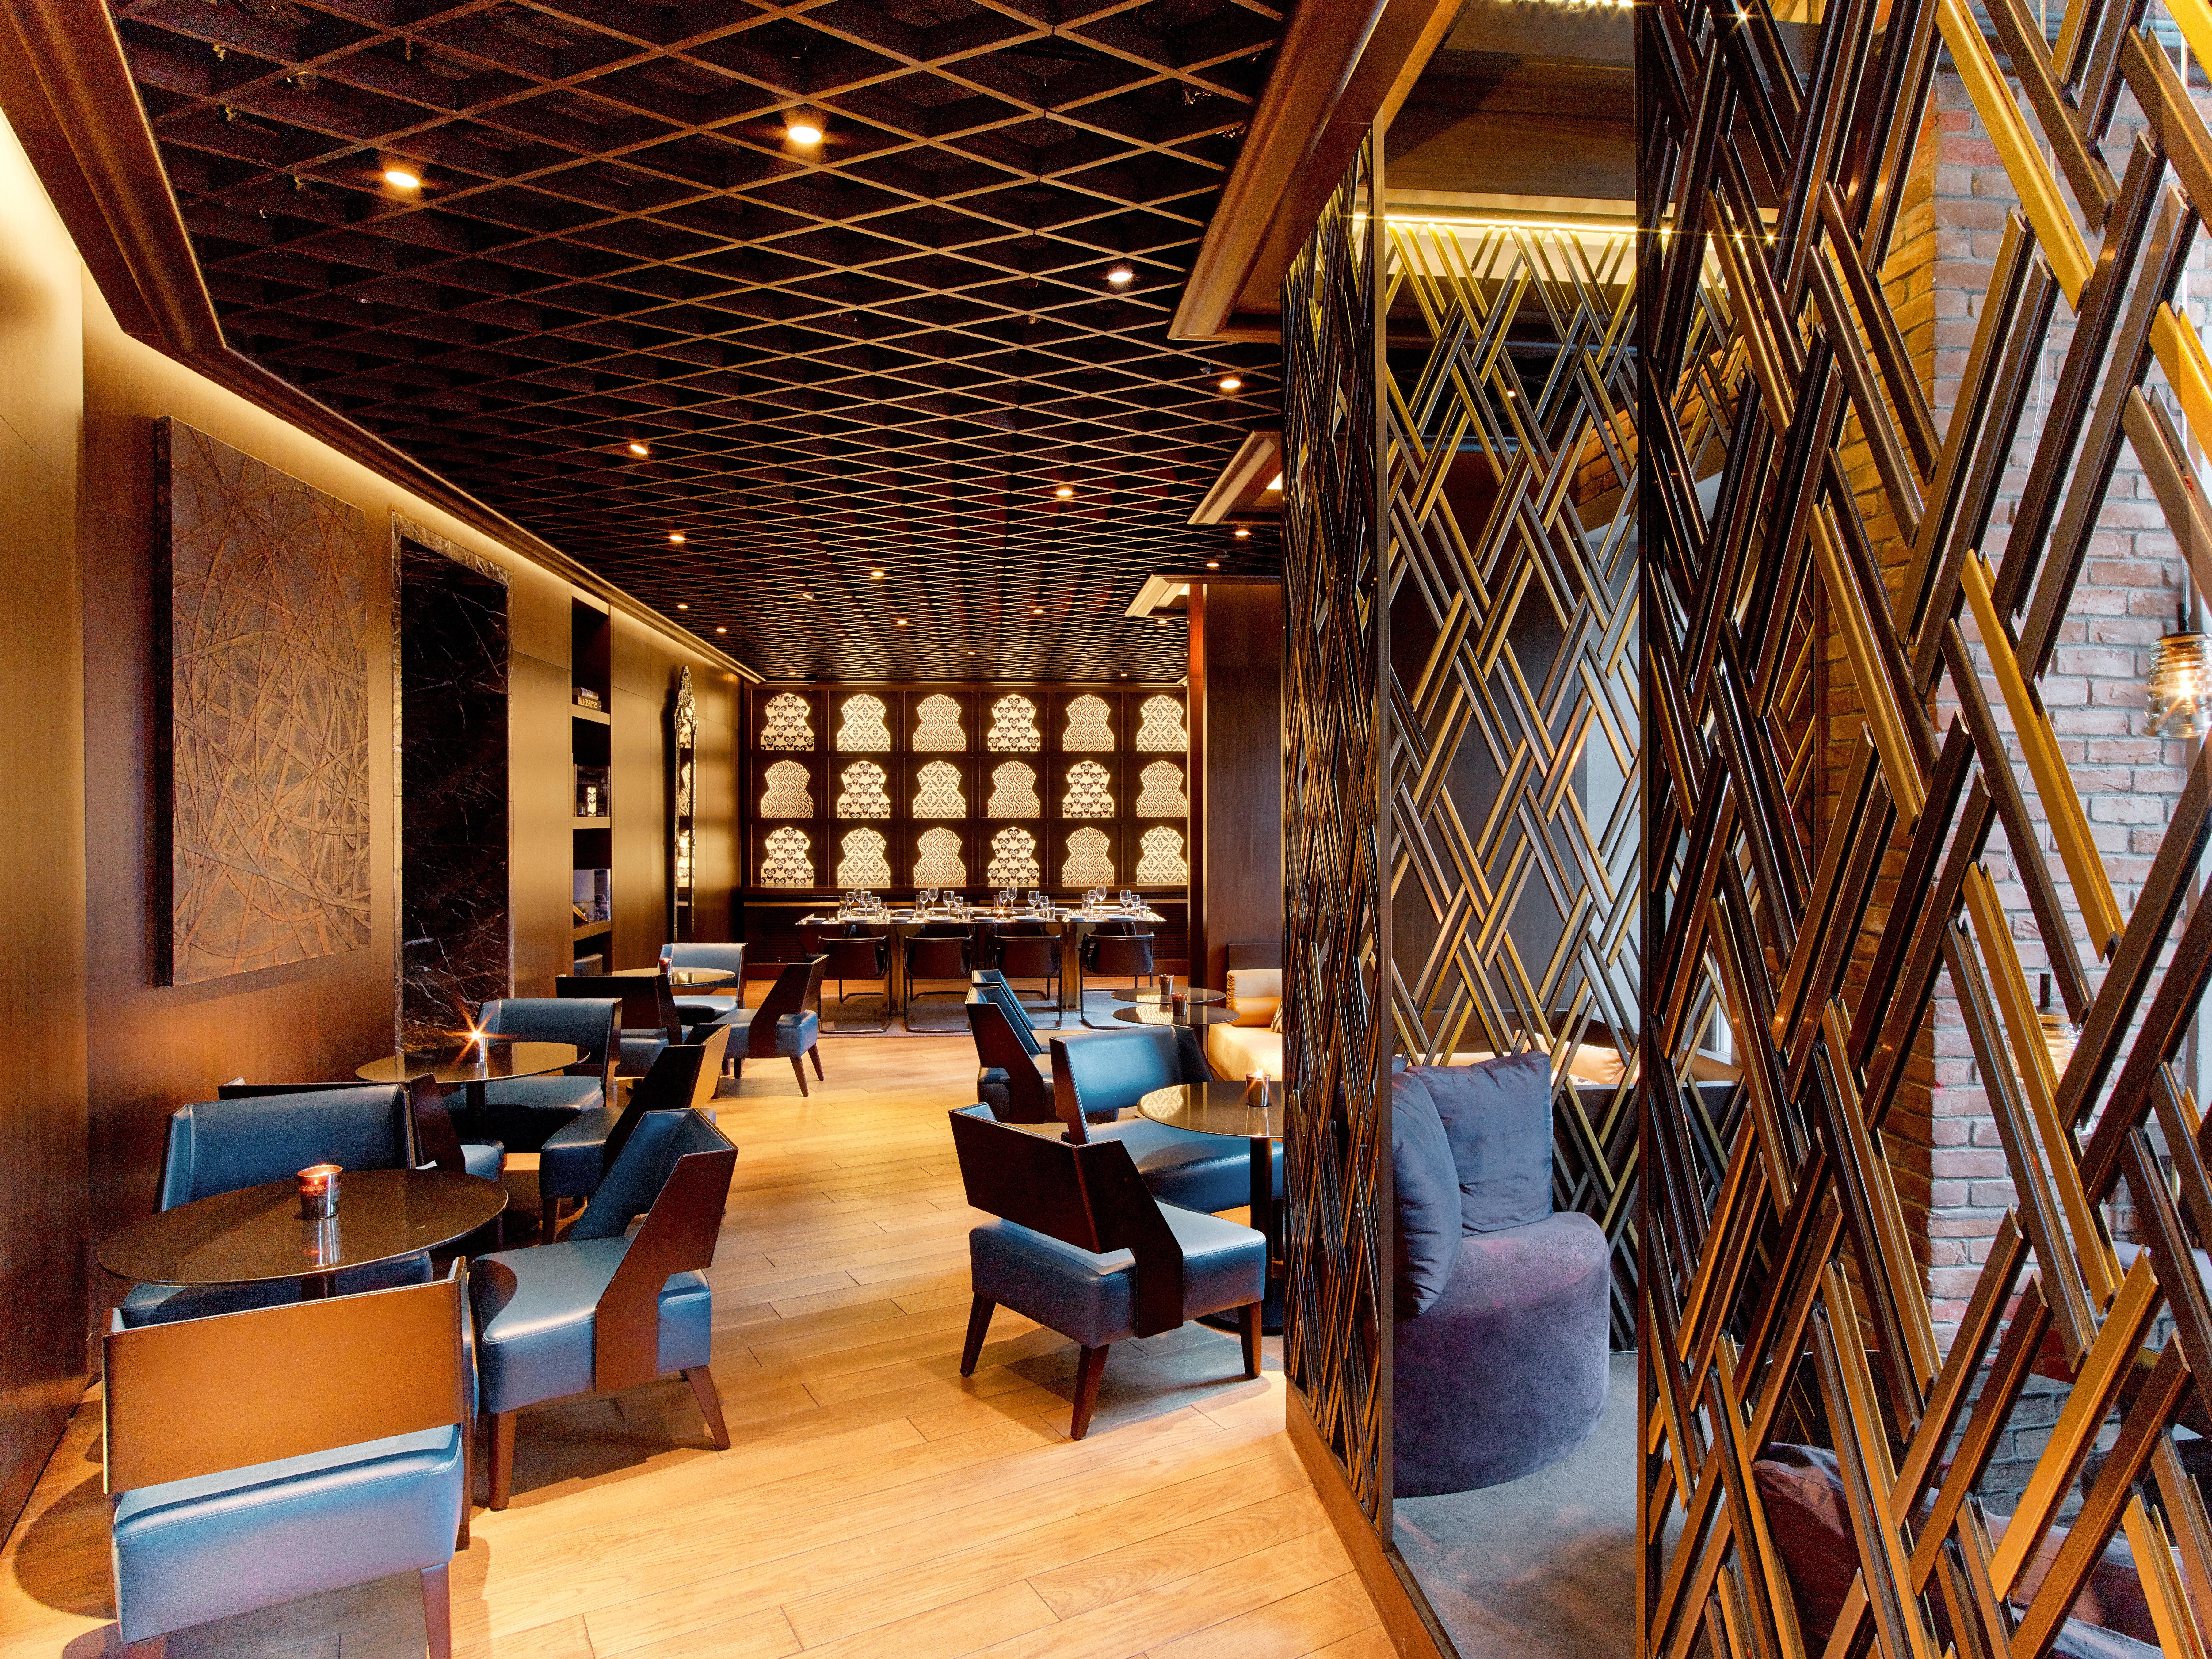 chair man made object Resort restaurant